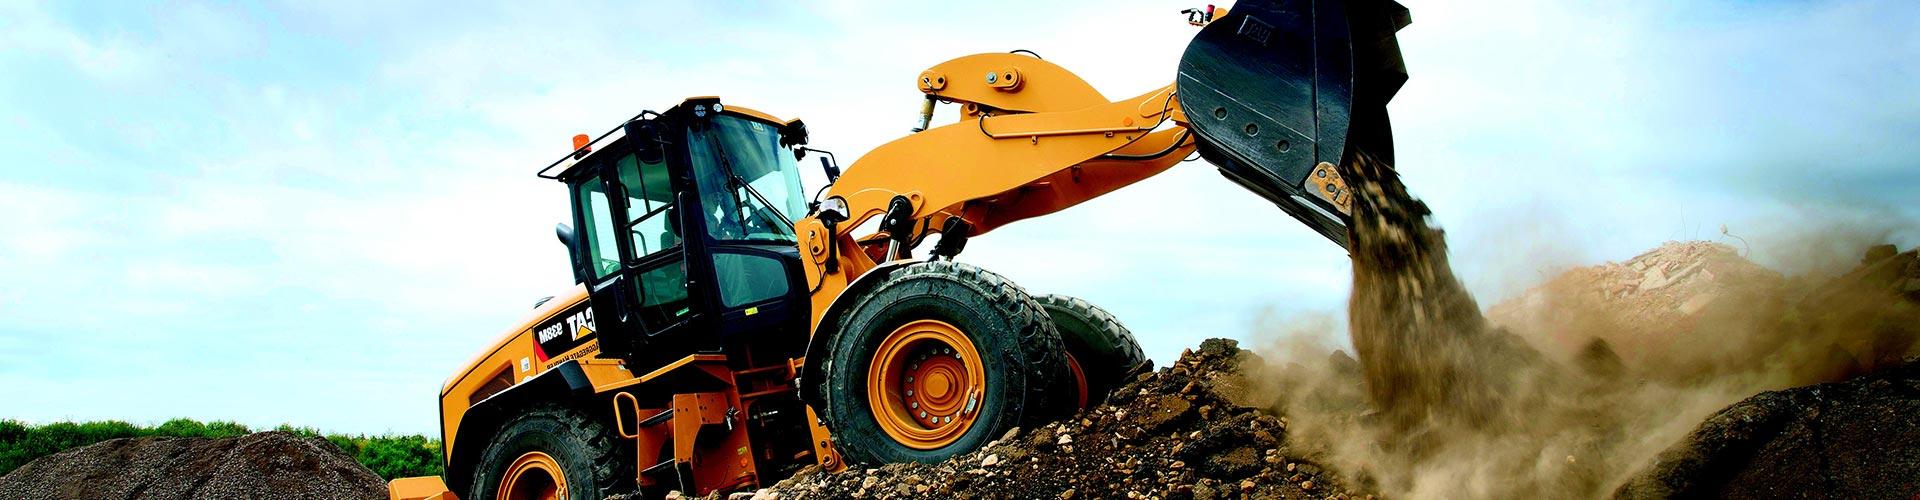 Corso di aggiornamento per addetto alla conduzione di escavatori